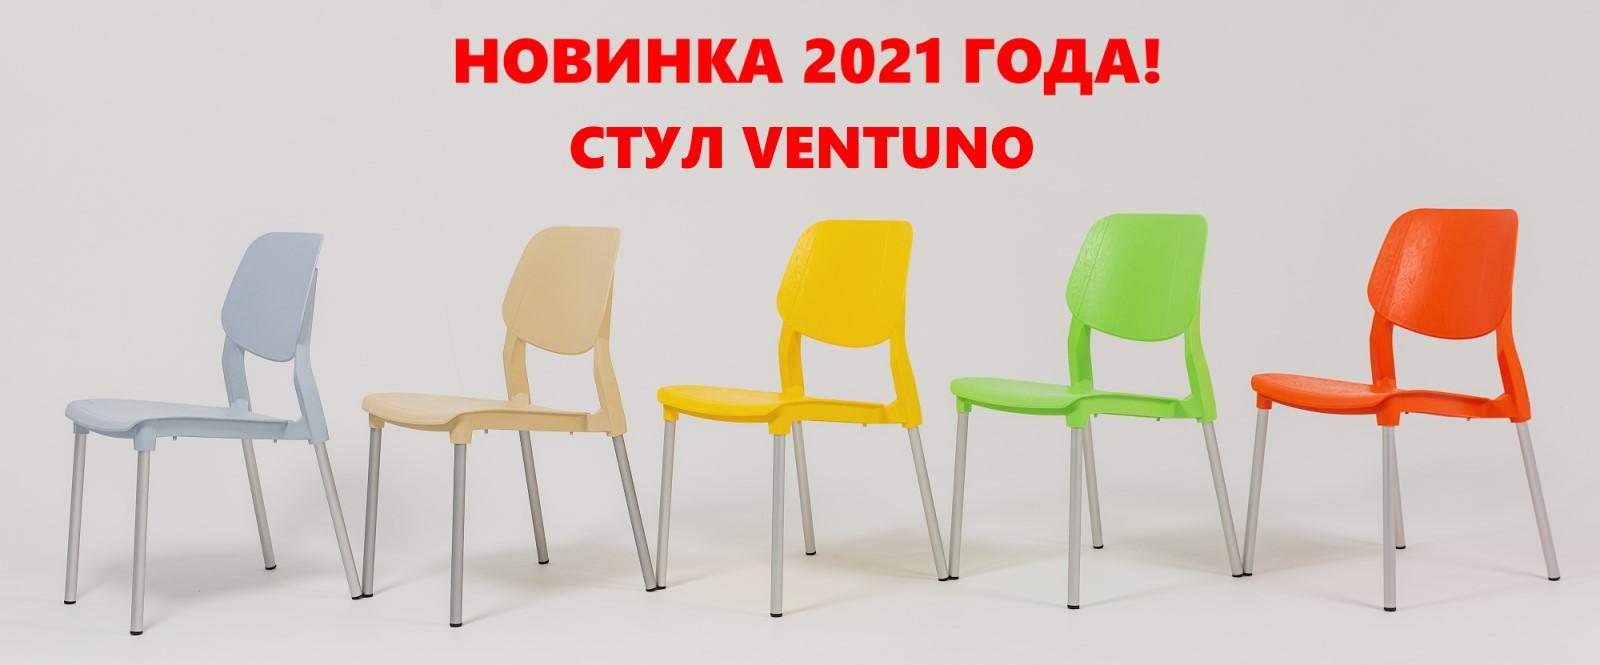 Новинки пластиковых стульев от производителя